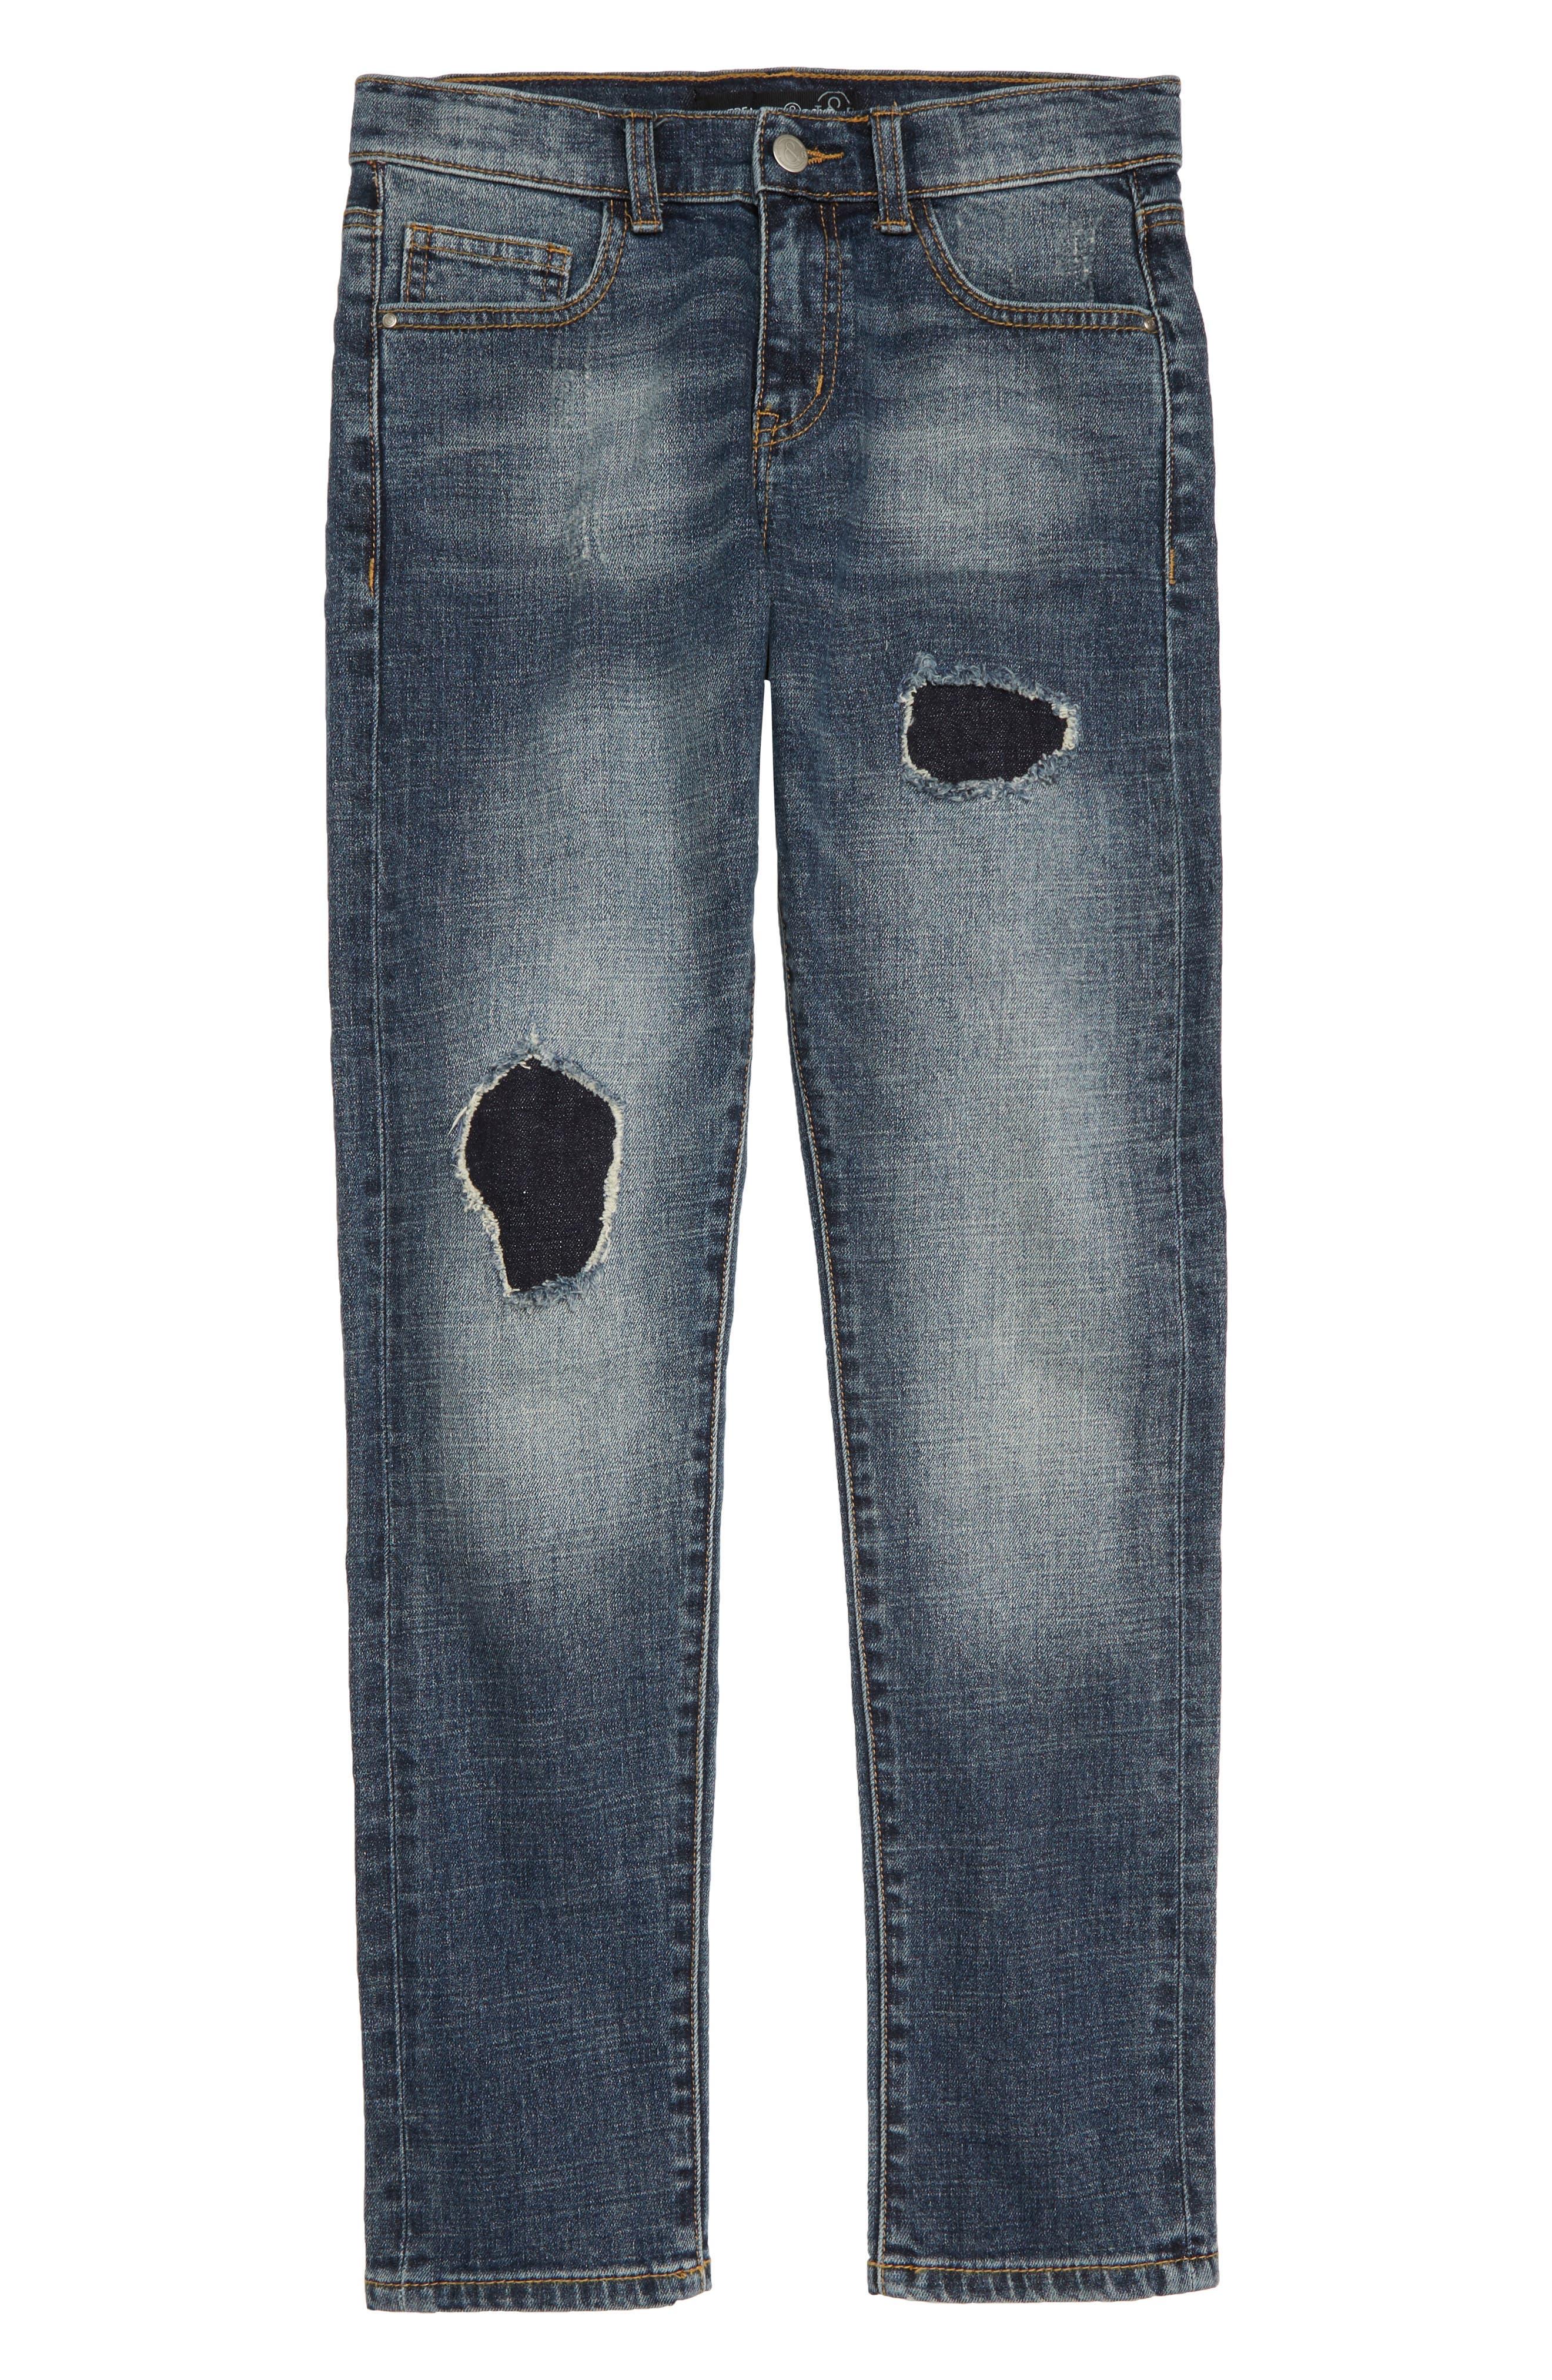 Slim Fit Jeans,                             Main thumbnail 1, color,                             401